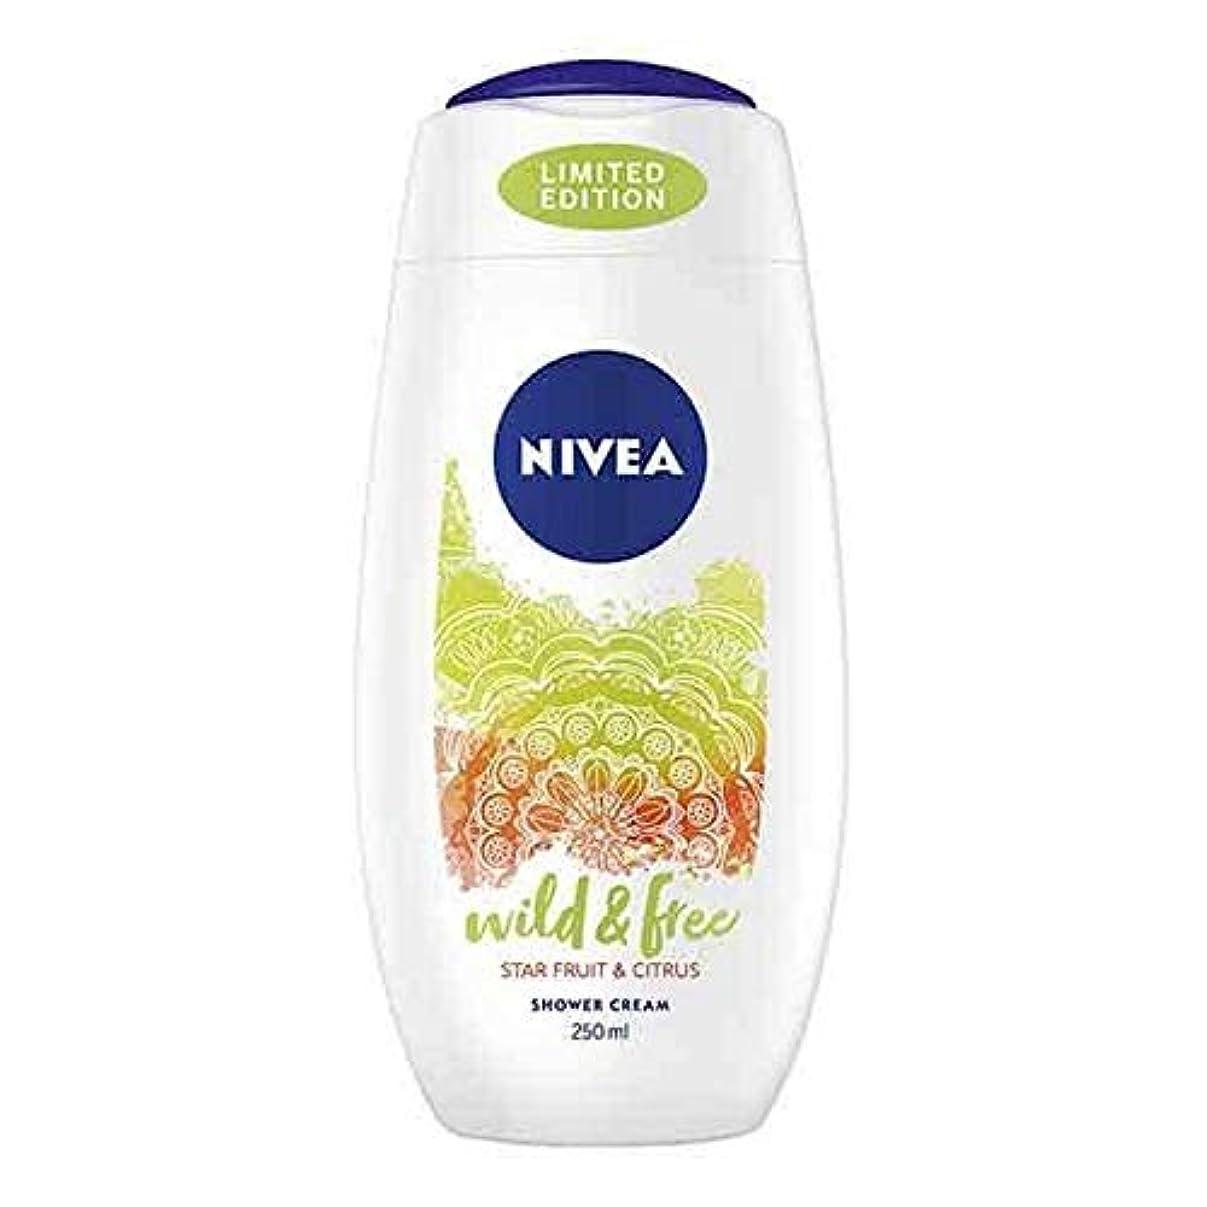 吸収日常的に可動[Nivea ] ニベアシャワーワイルド&無料シトラス250ミリリットル - NIVEA Shower Wild & Free Citrus 250ml [並行輸入品]